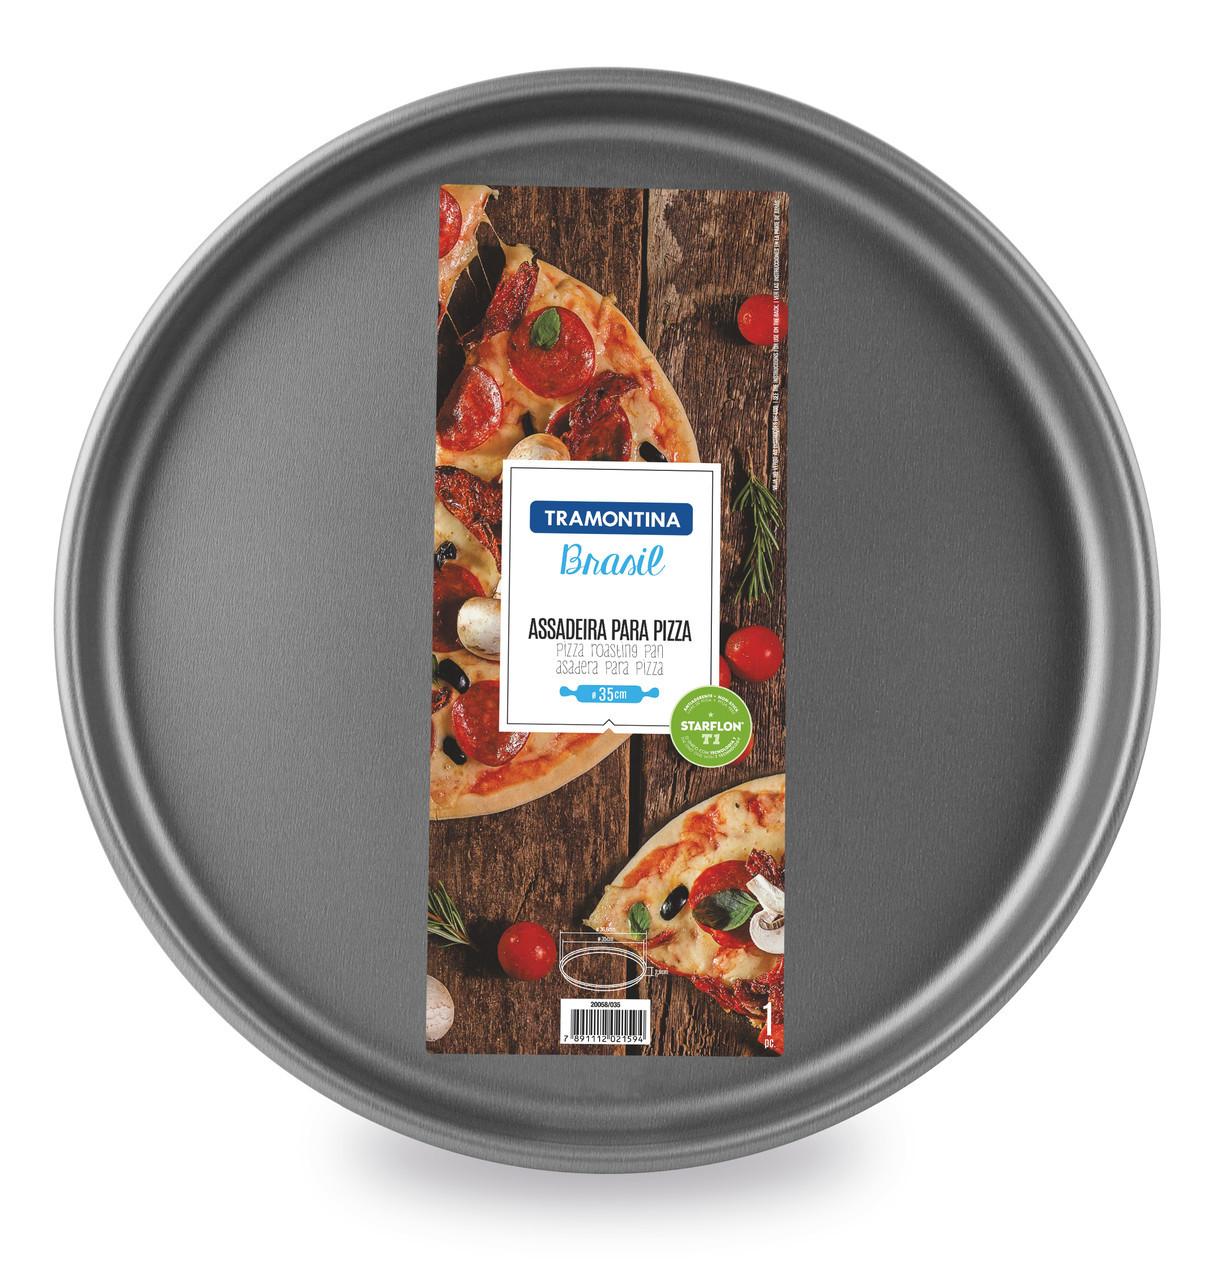 Форма для выпечки пиццы 35см 20058/035 Brasil Tramontina